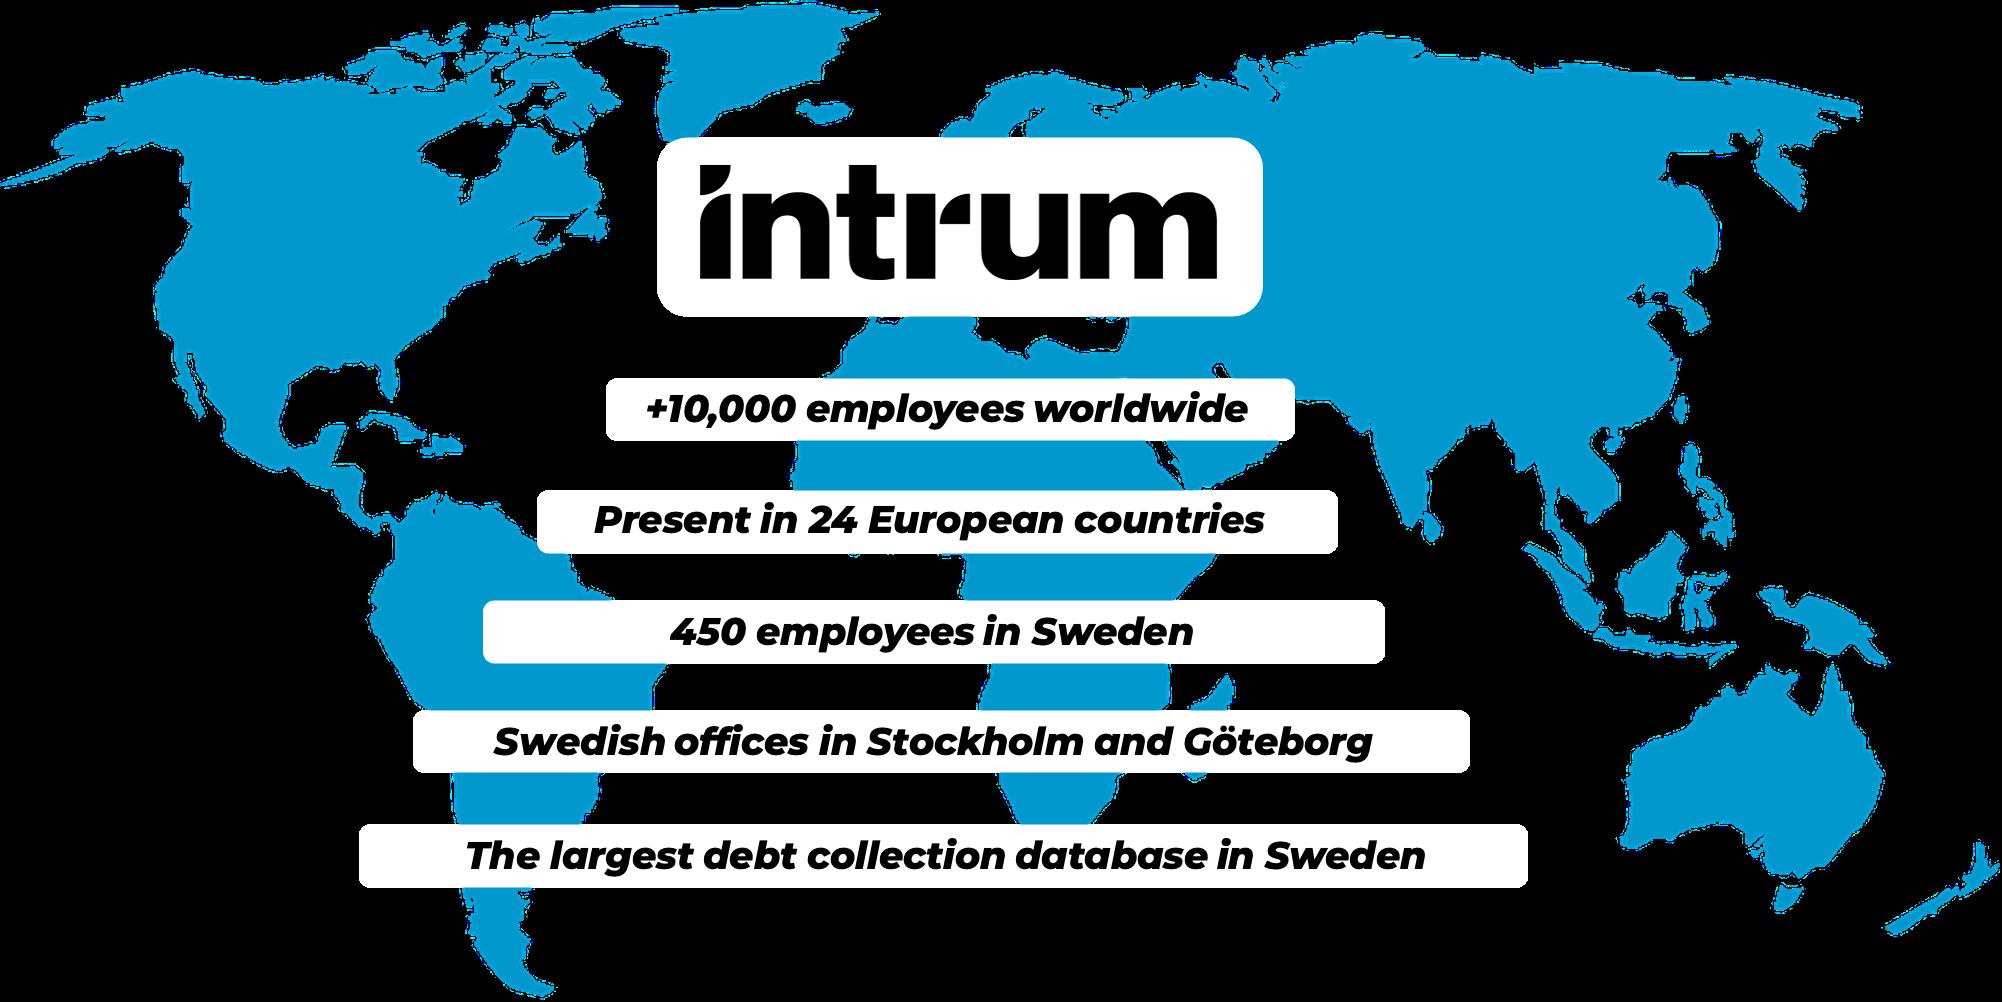 Intrum_world_visual_02